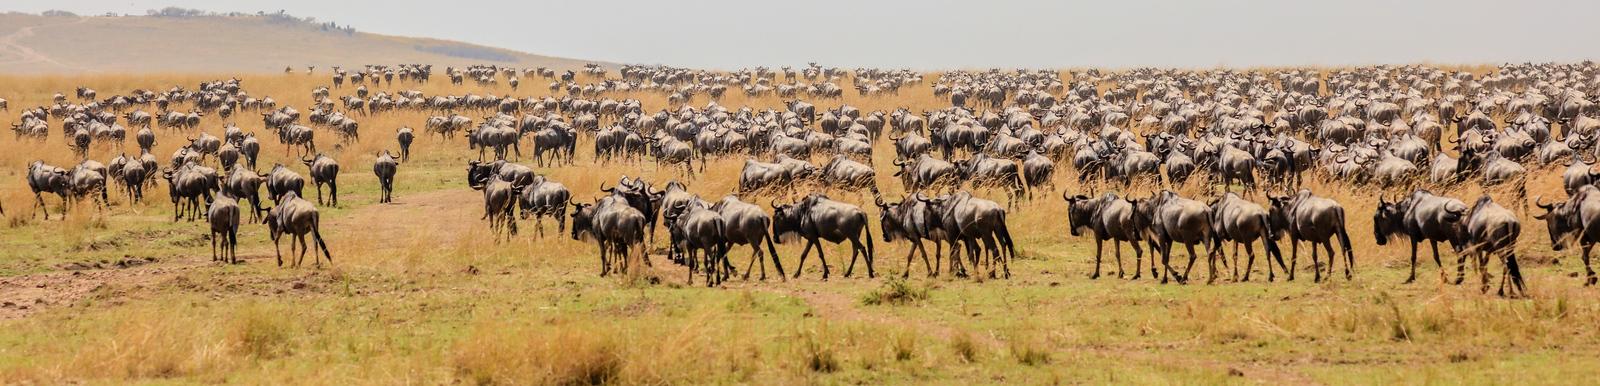 Maasai Mara, Kenya-413